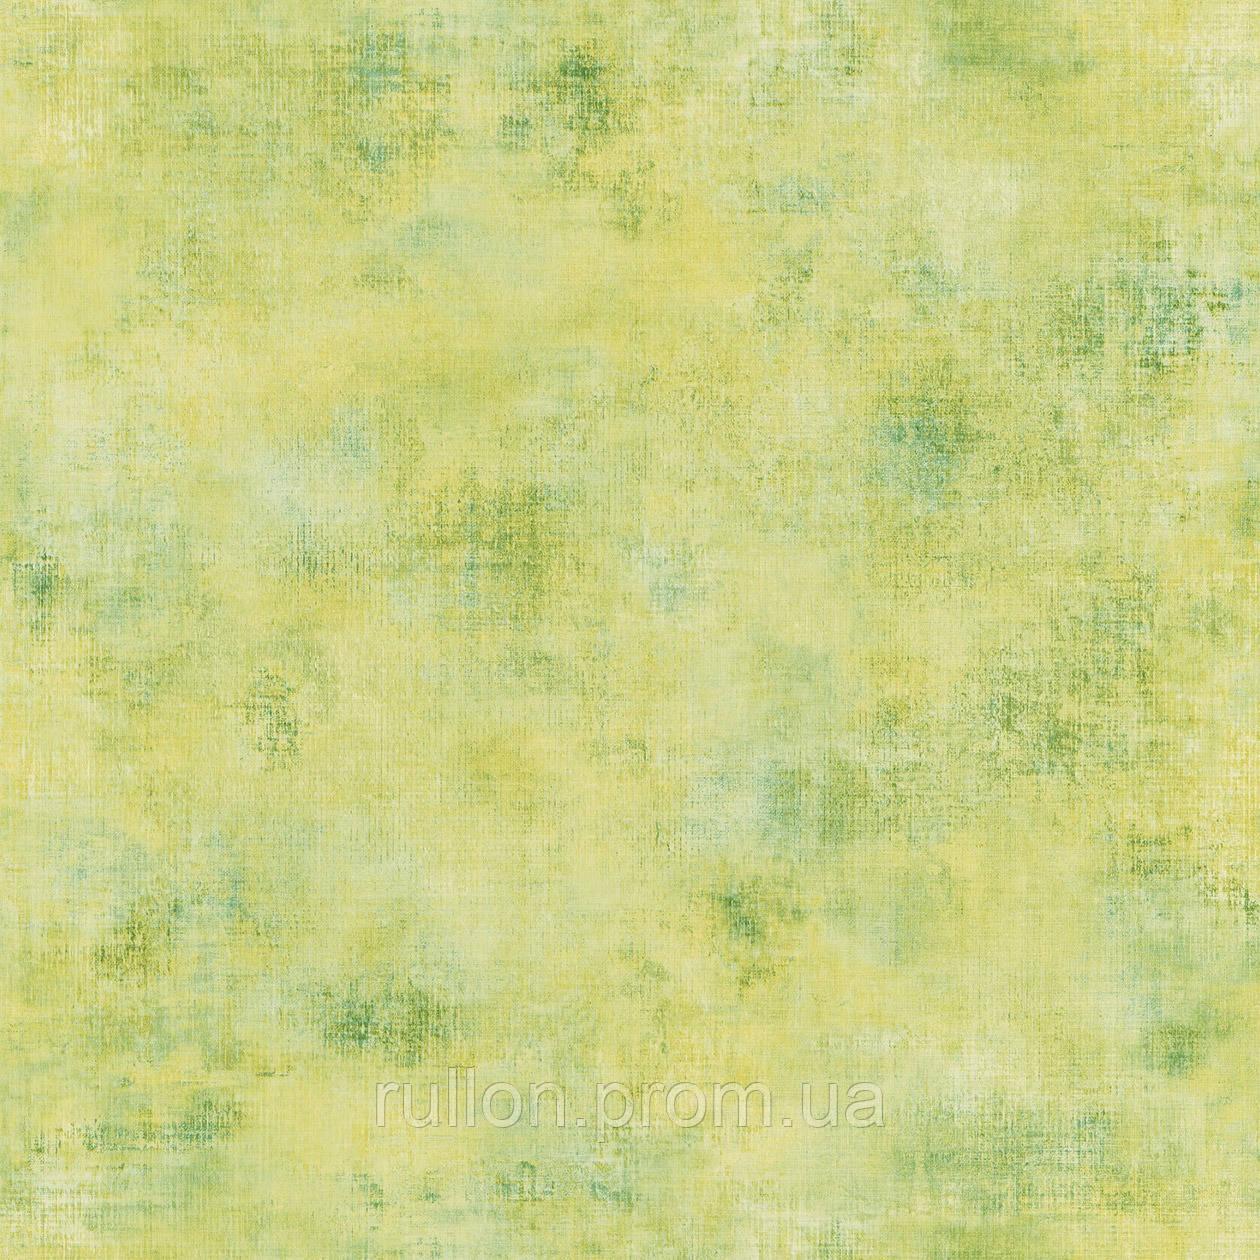 Обои Caselio TELAS 69877266 (Флизелиновые, зелено-салатовые)